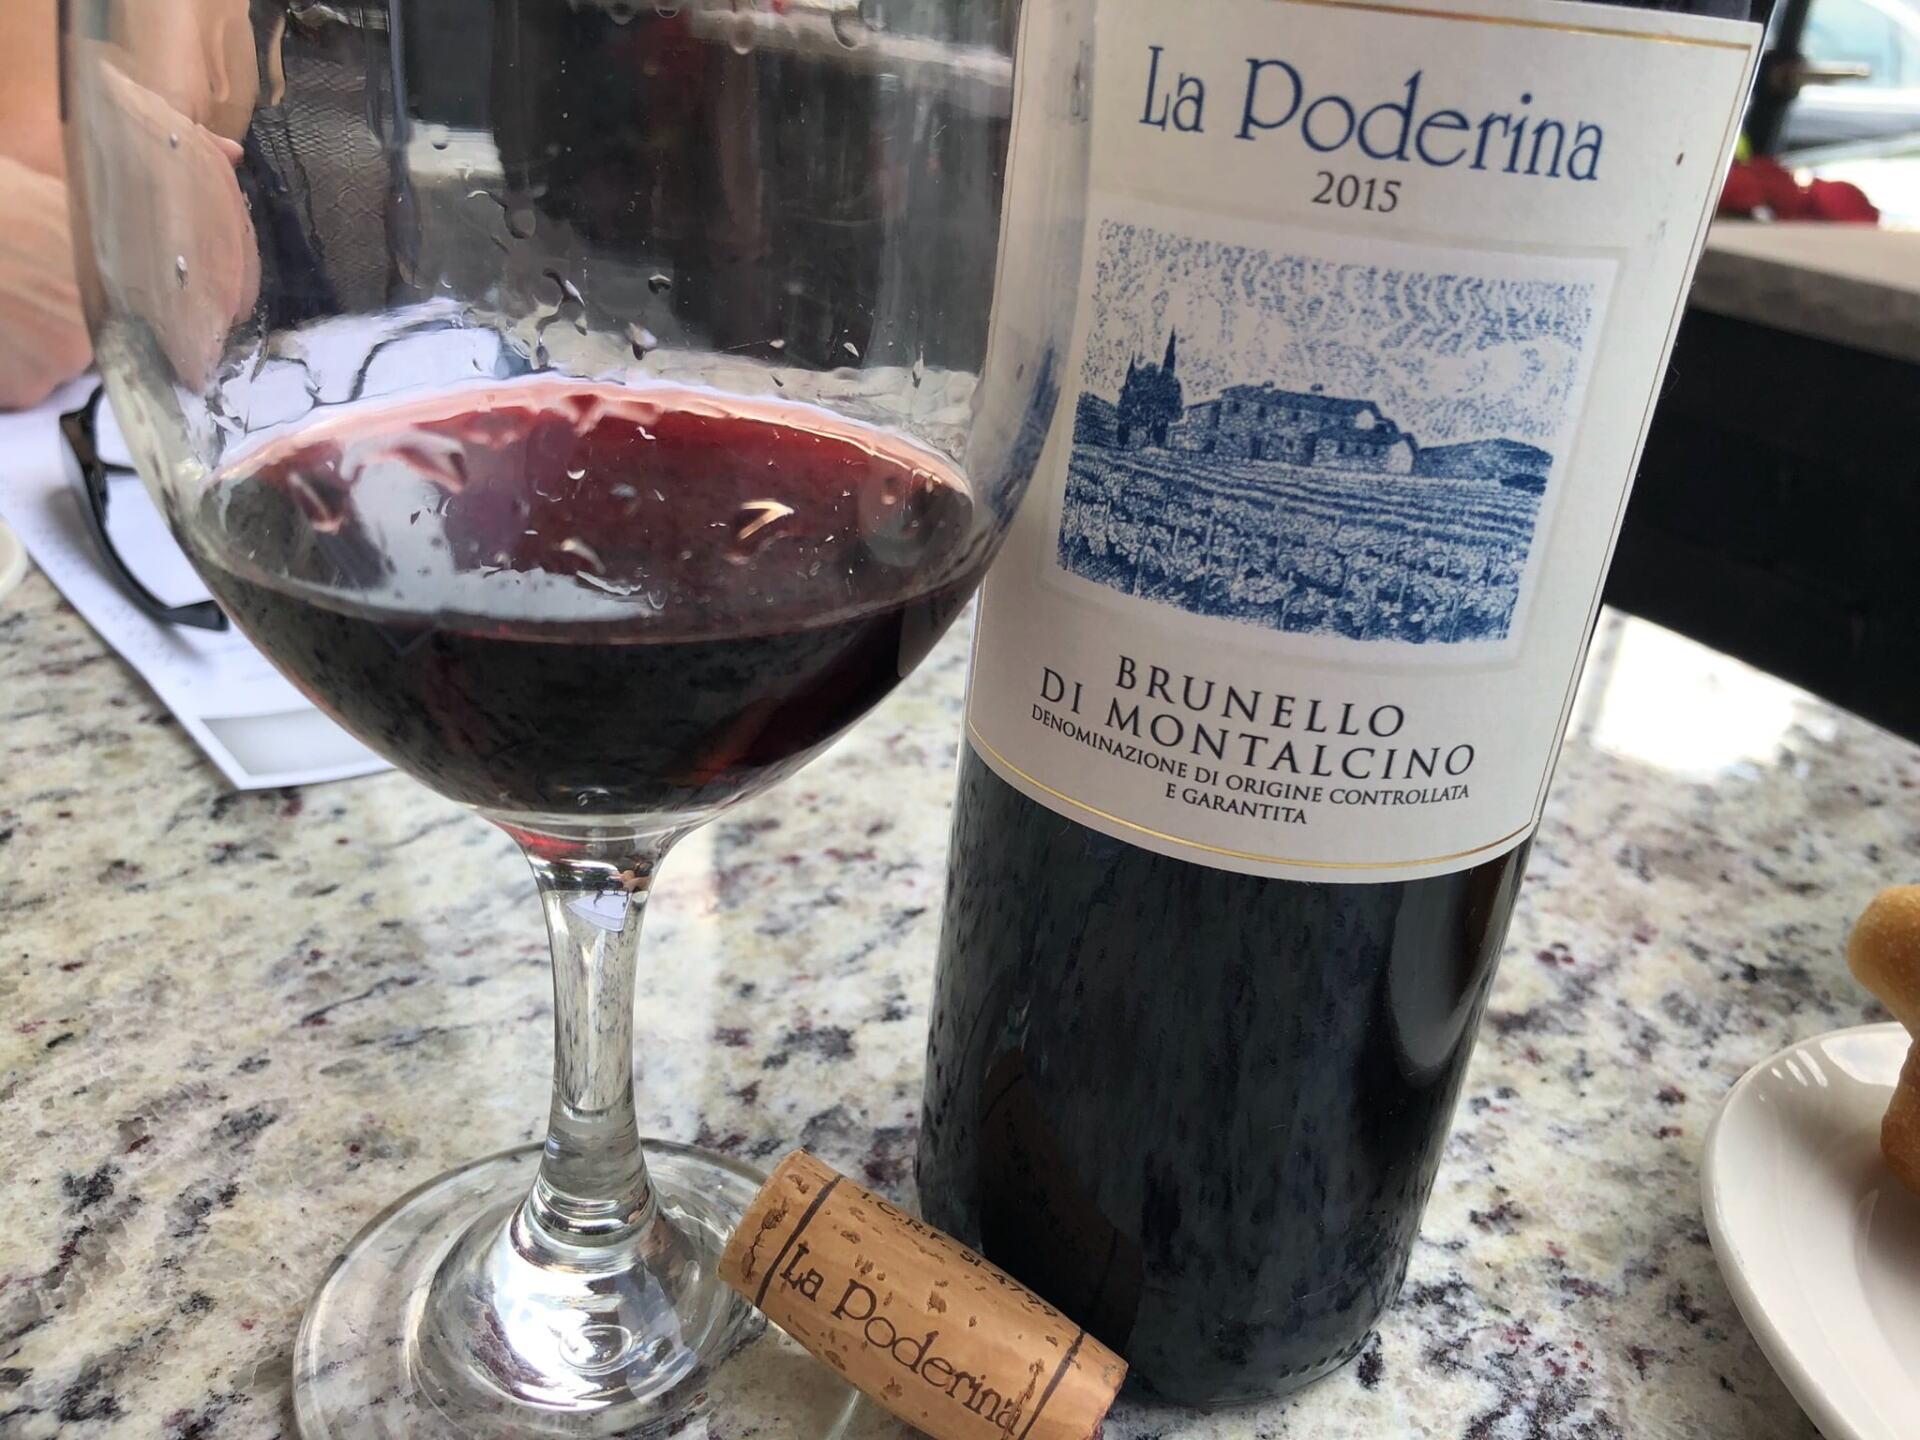 La Poderina Brunello Wine